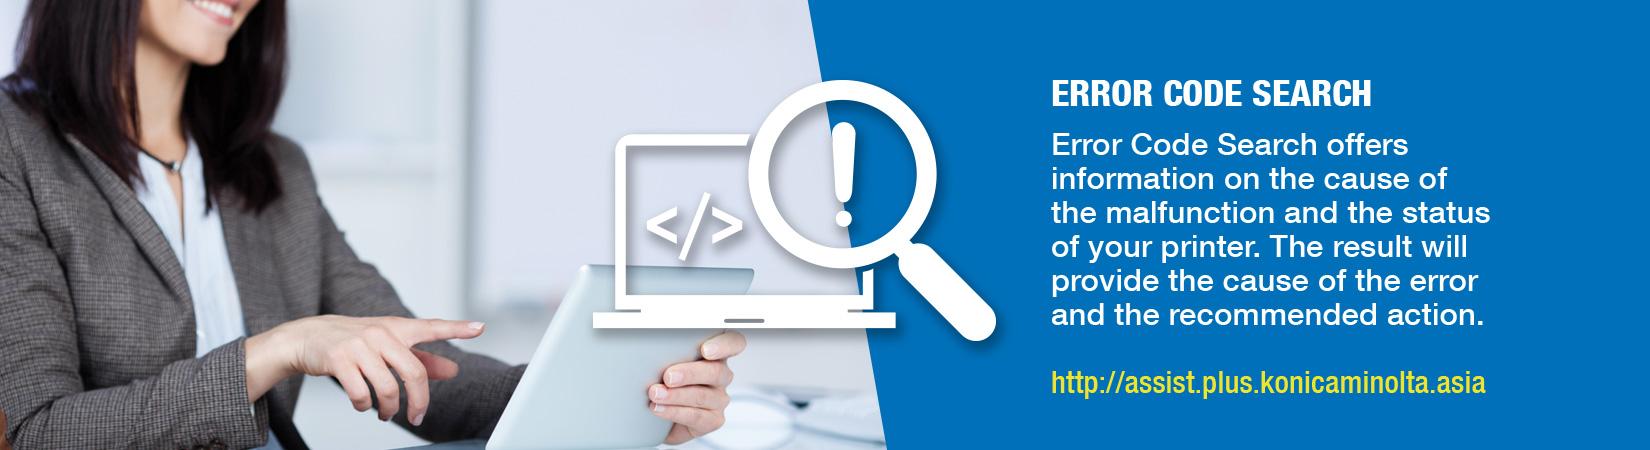 km+ error code search